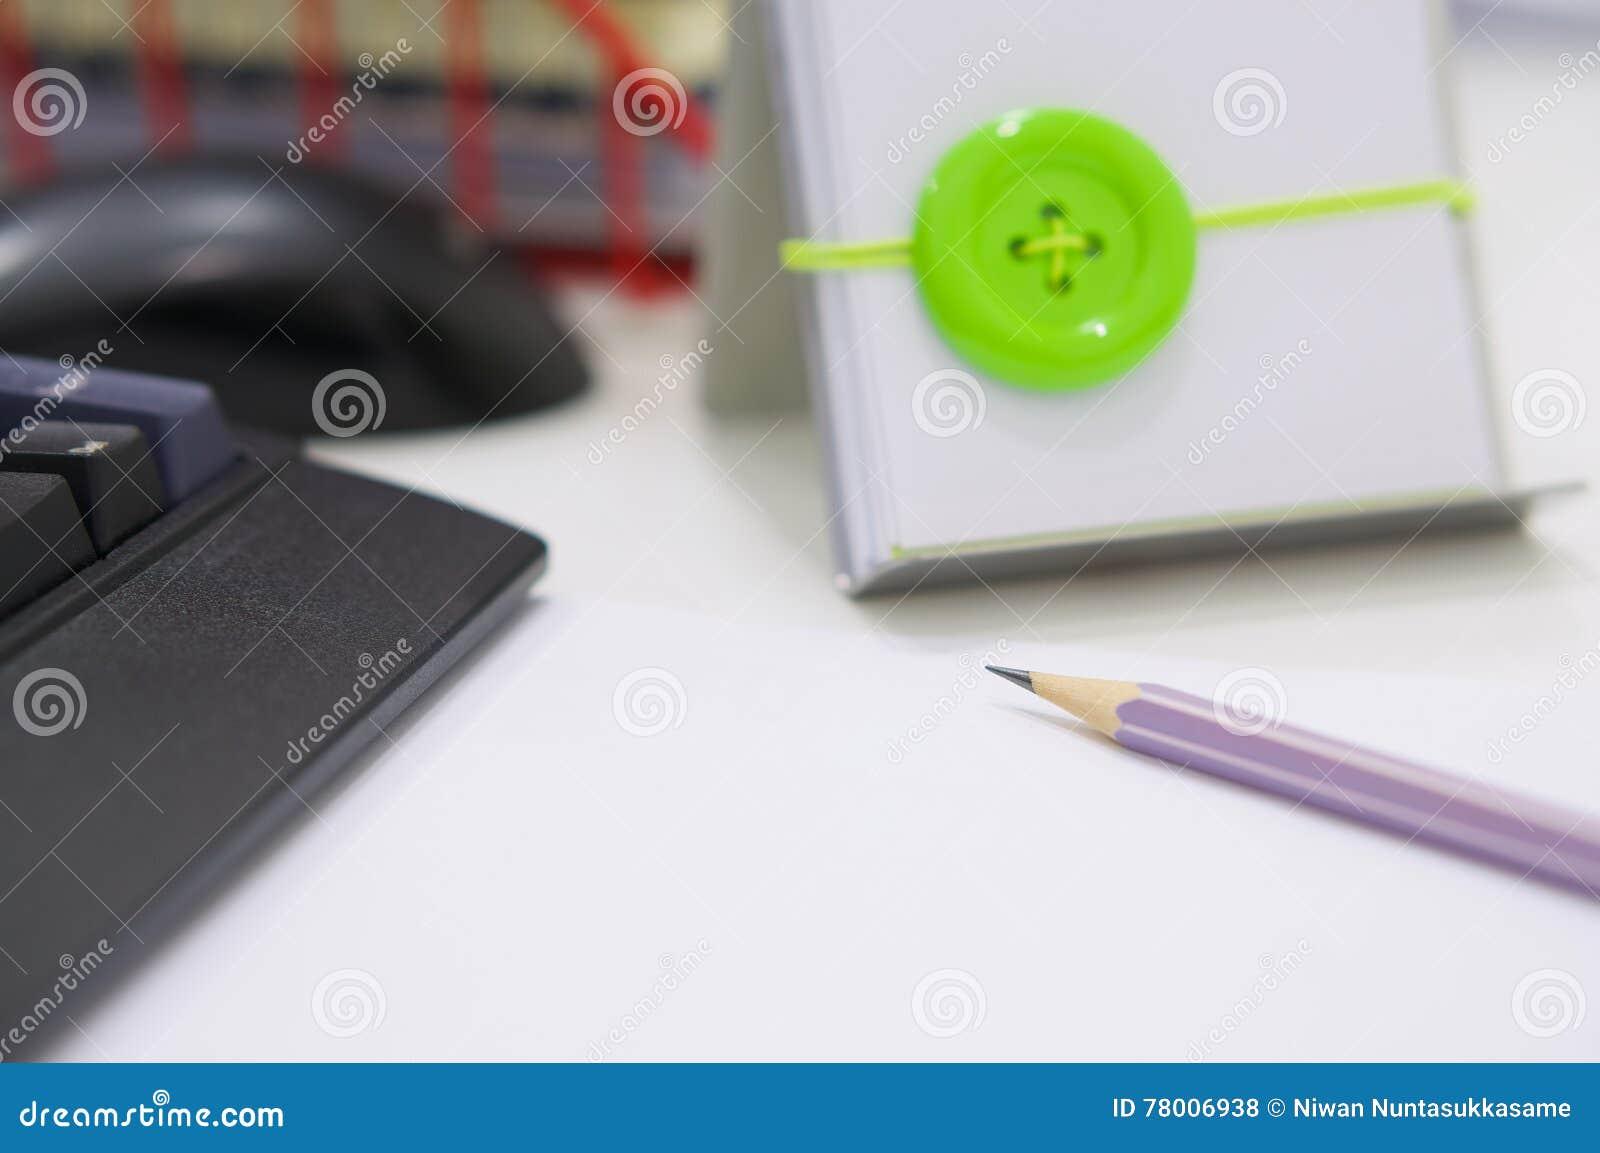 Computer und Büroartikel auf weißer Tabelle